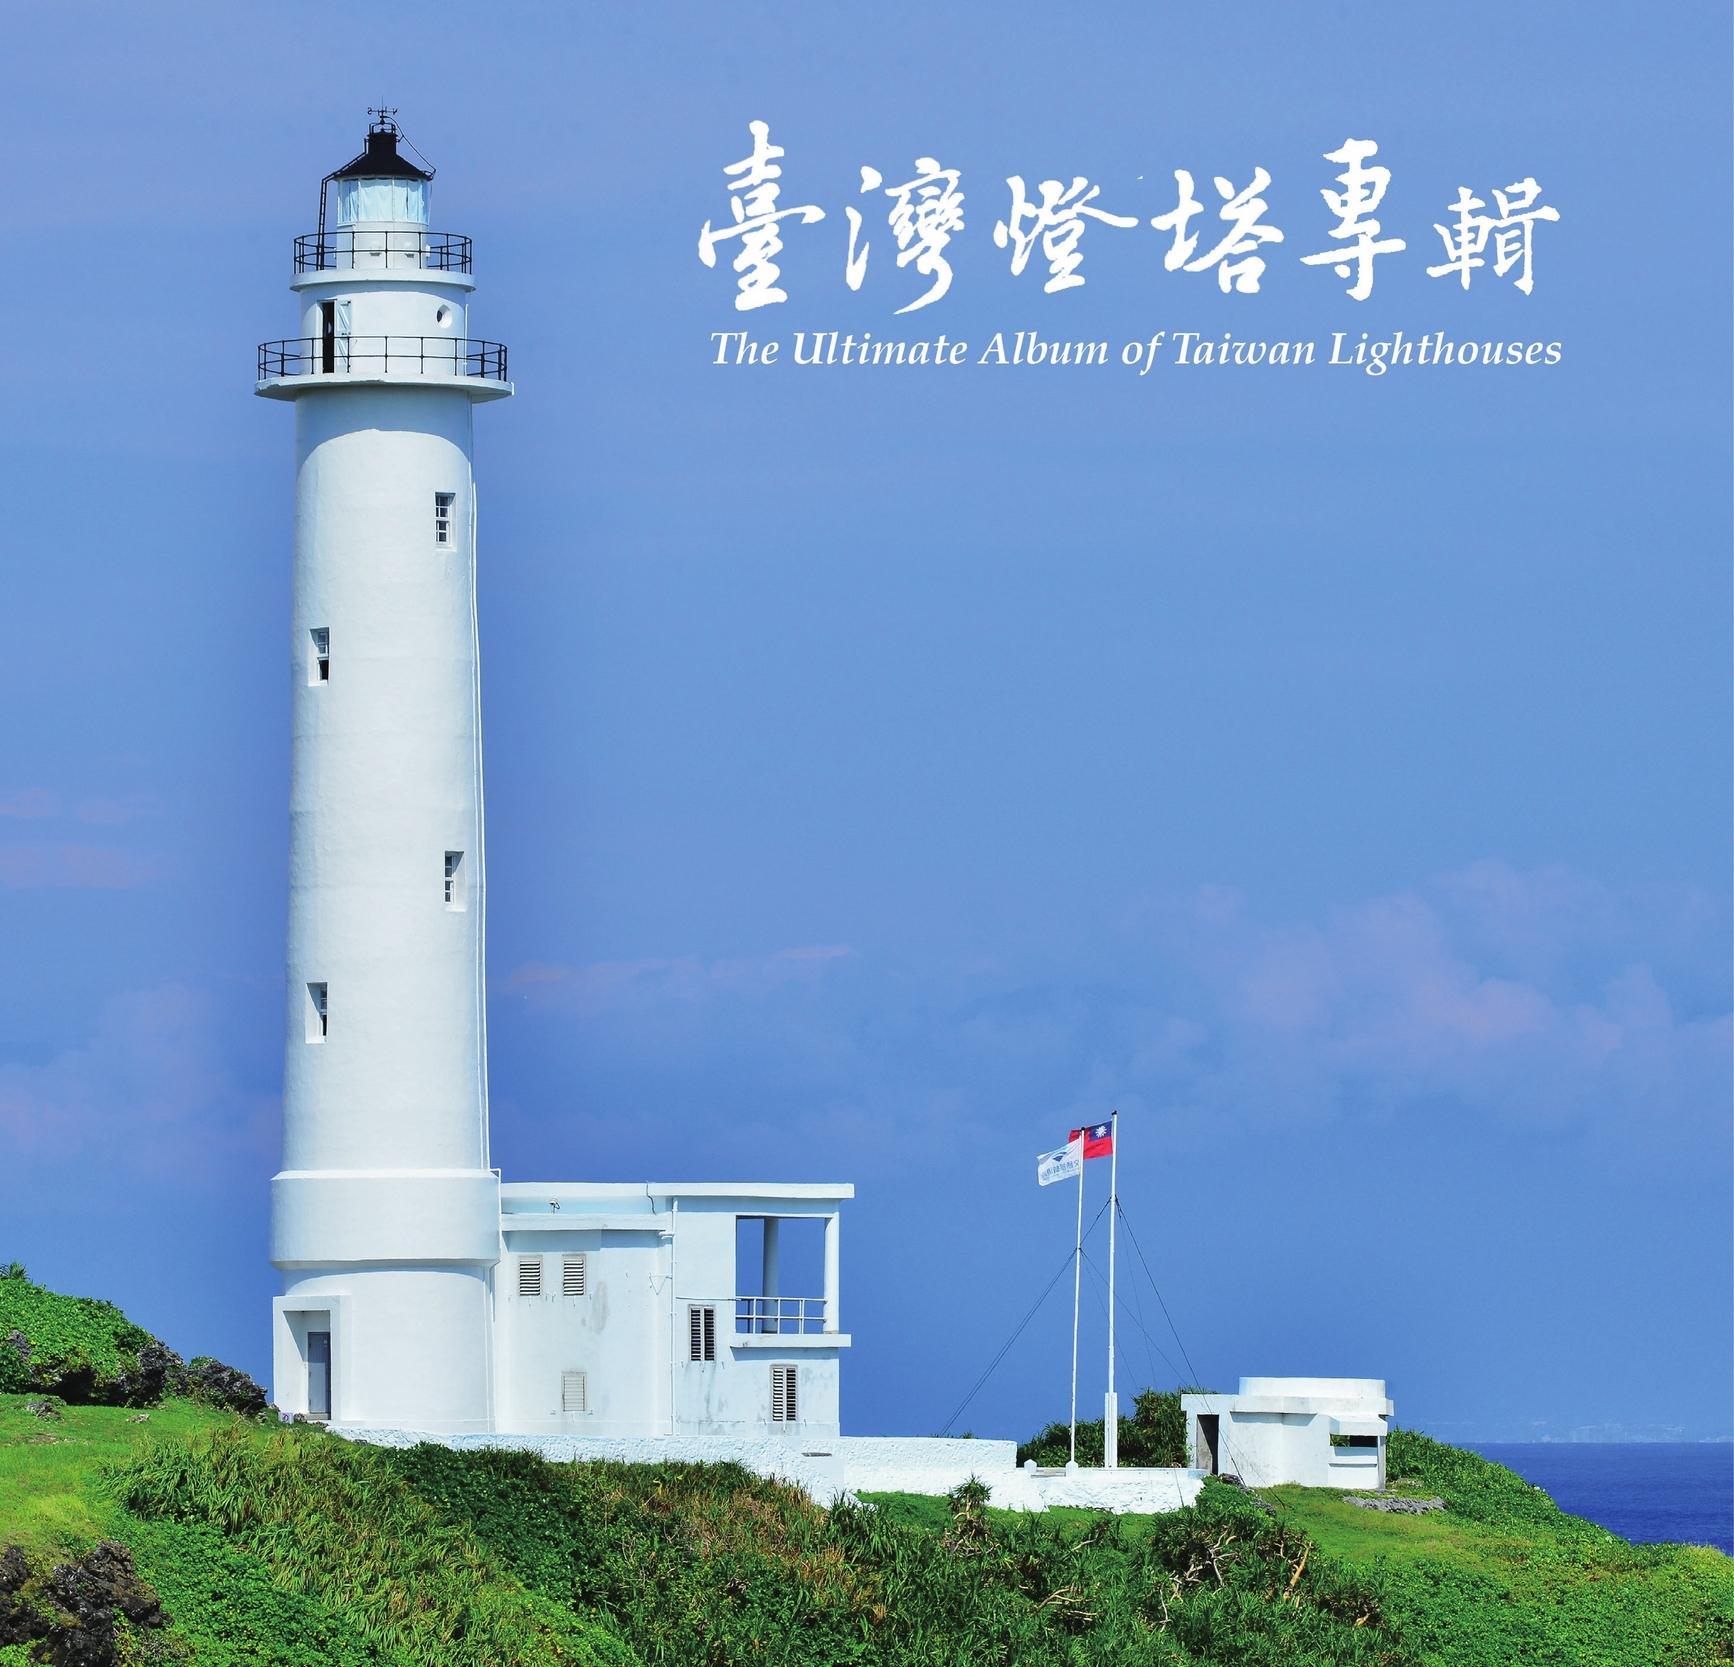 台灣燈塔專輯